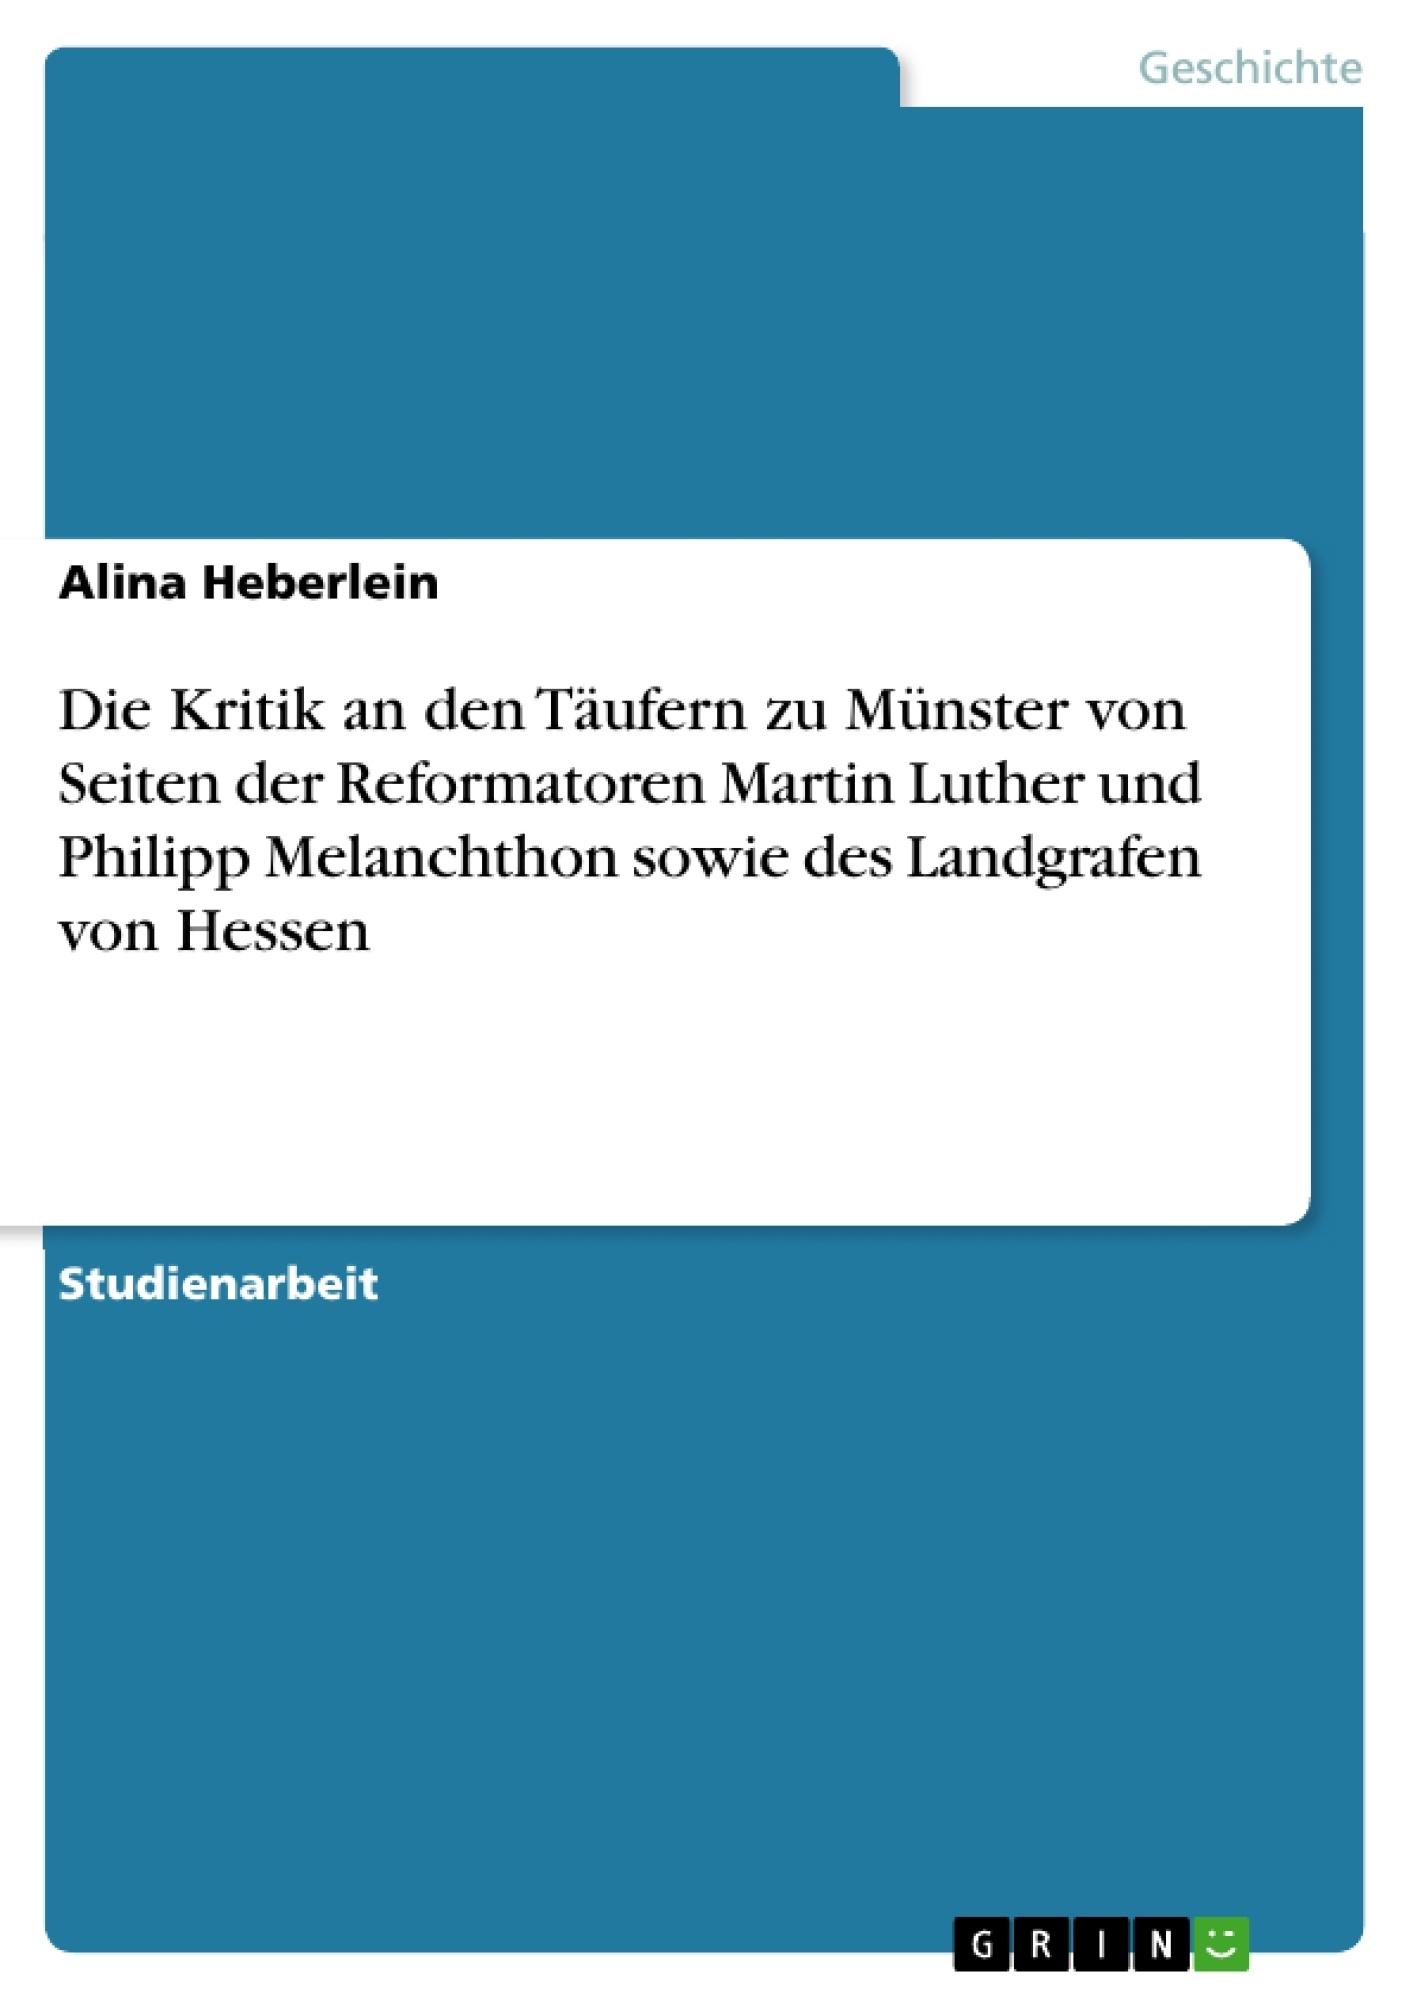 Titel: Die Kritik an den Täufern zu Münster von Seiten der  Reformatoren Martin Luther und Philipp Melanchthon sowie des Landgrafen von Hessen